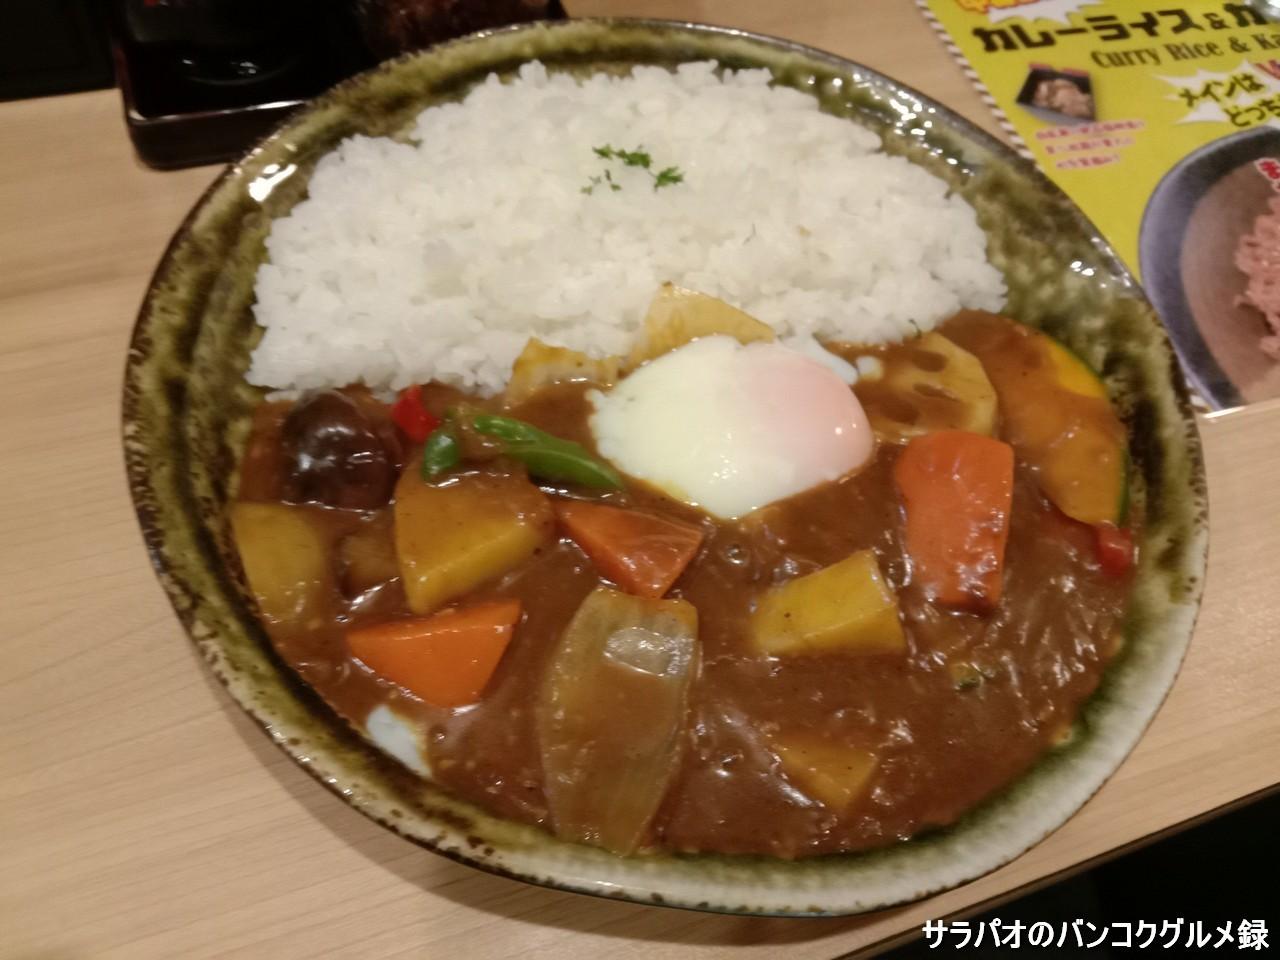 カレー屋 庵寿で野菜カレーを食す in プロンポン